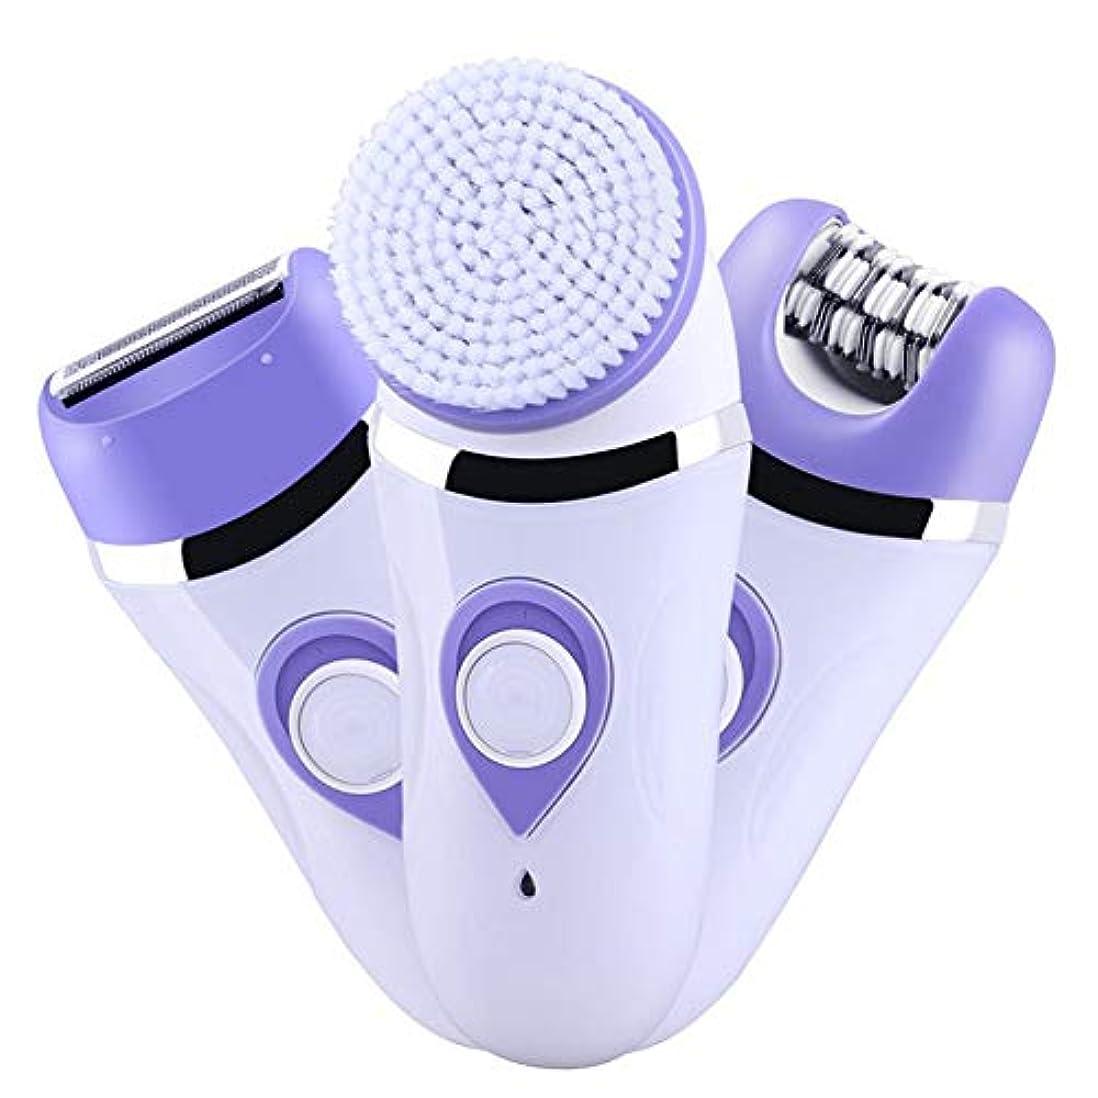 モトリーリフト領事館女性用多機能電動脱毛装置、痛みのない3-In-1ビキニトリマー、脱毛専用ツール